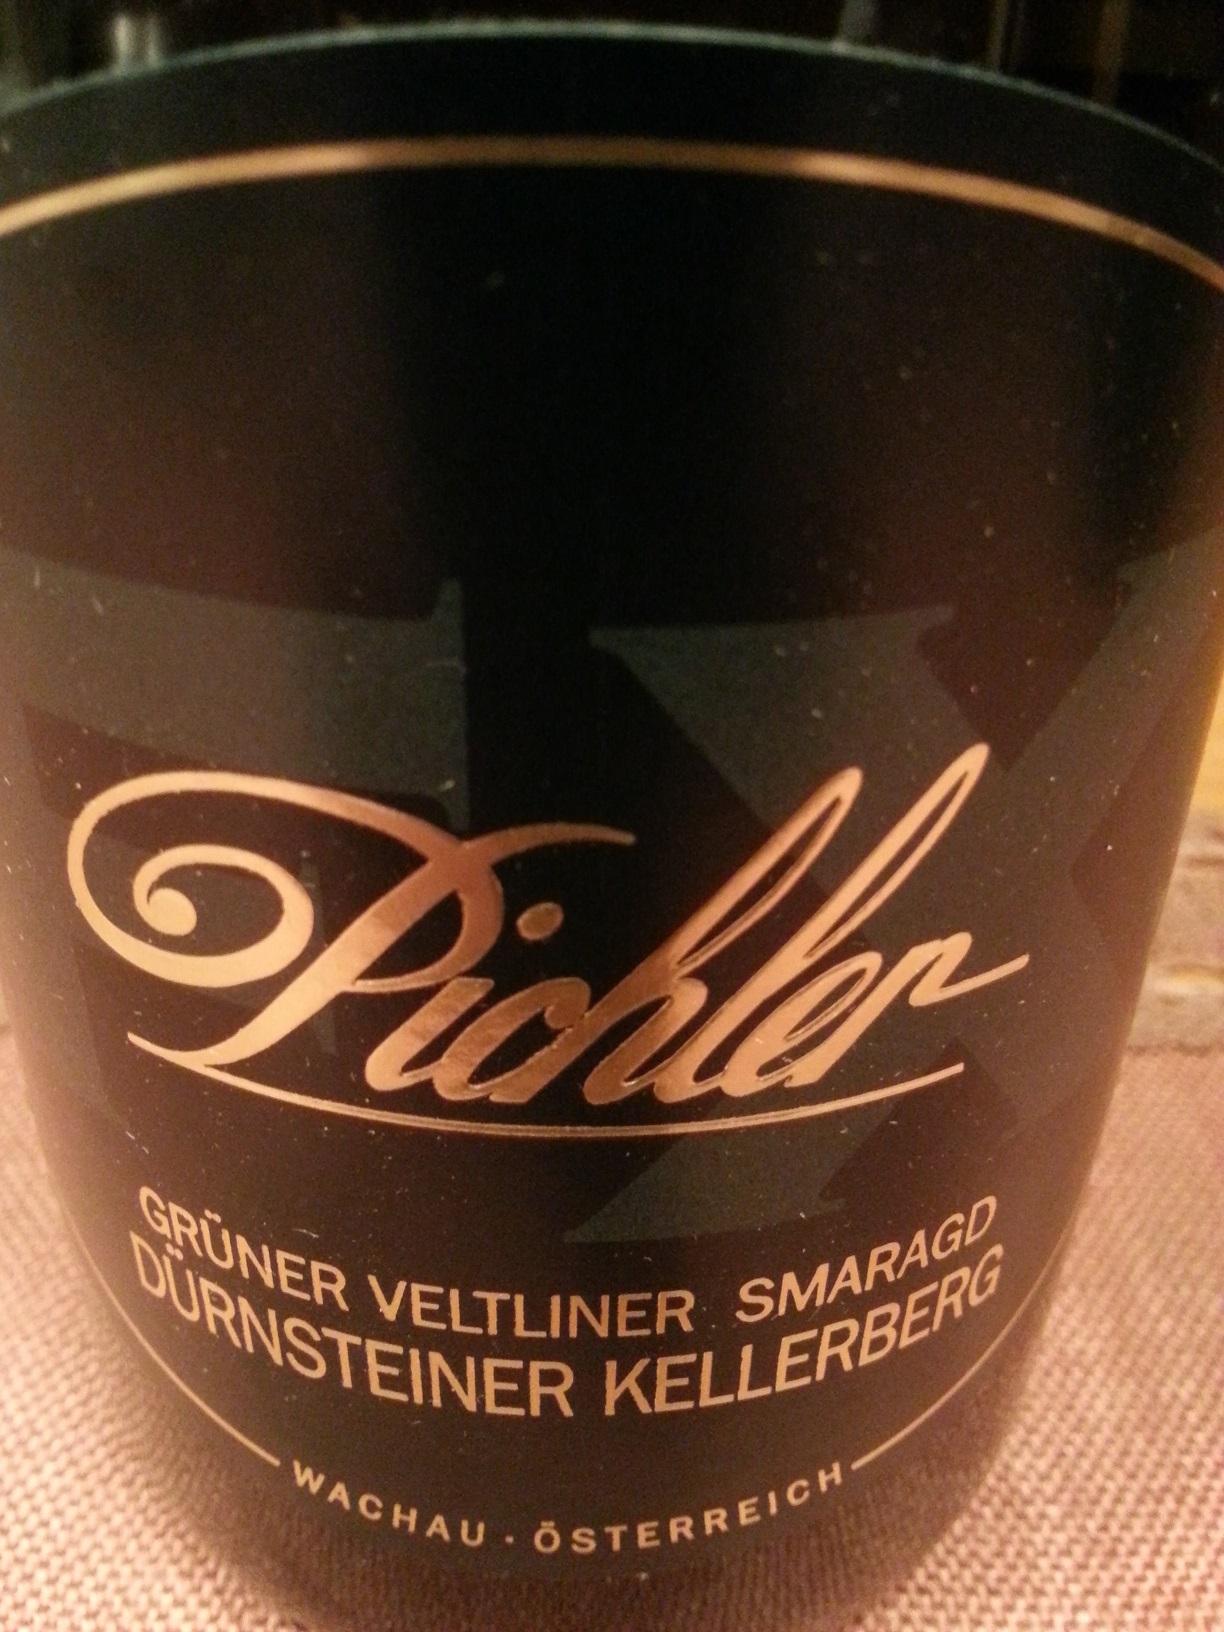 2012 Grüner Veltliner Smaragd Kellerberg | F.X. Pichler